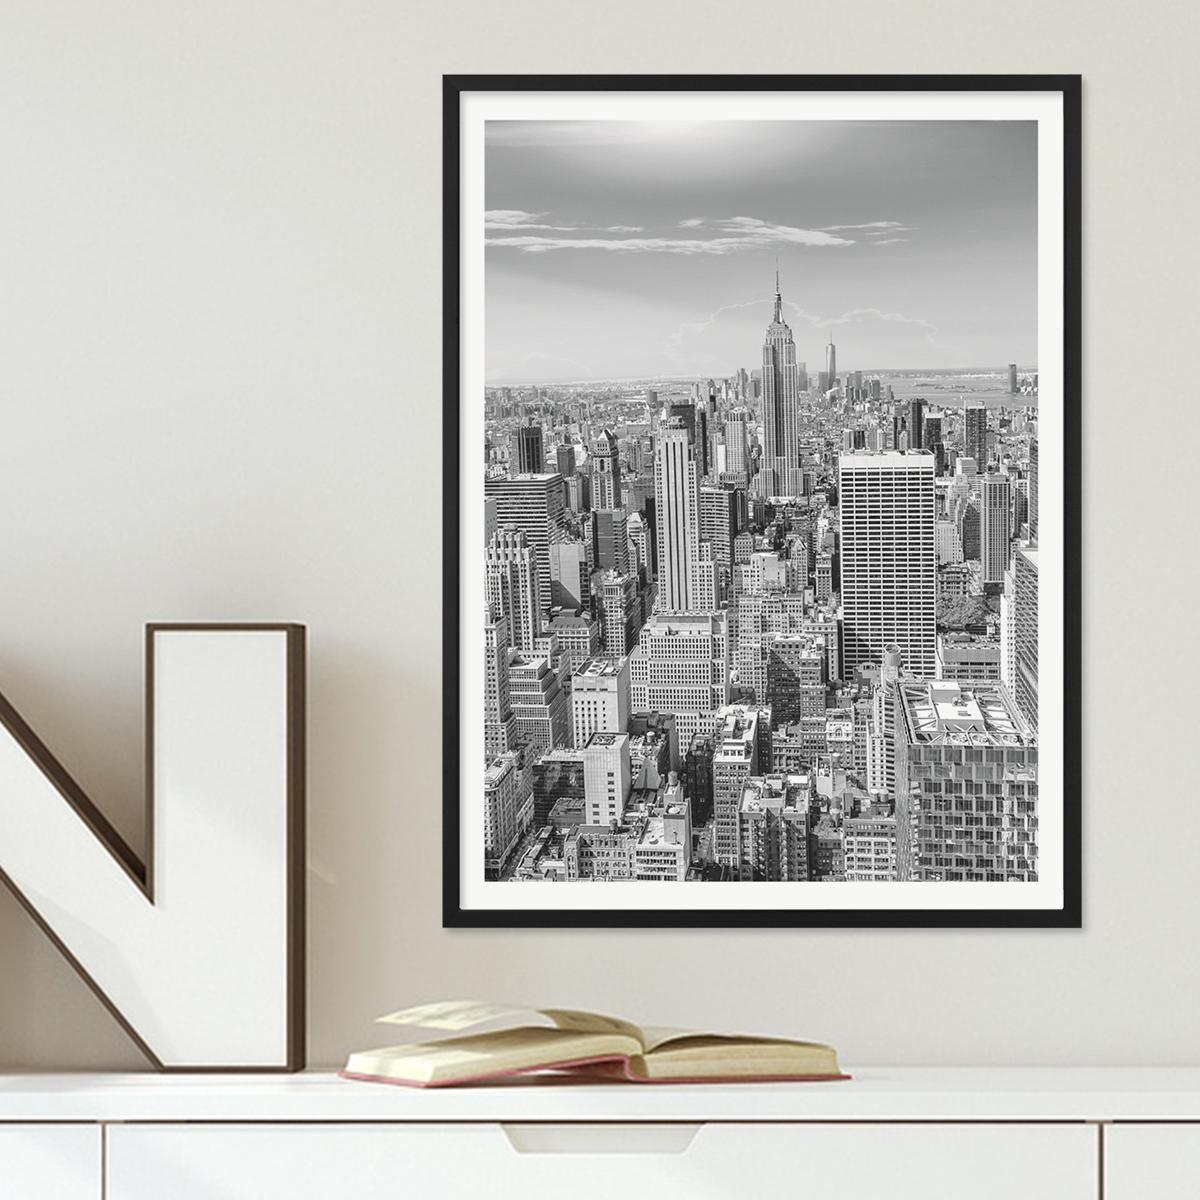 poster mit bilderrahmen schwarz 39 new york city 39 30x40 cm schwarz weiss motiv landkarte skyline. Black Bedroom Furniture Sets. Home Design Ideas